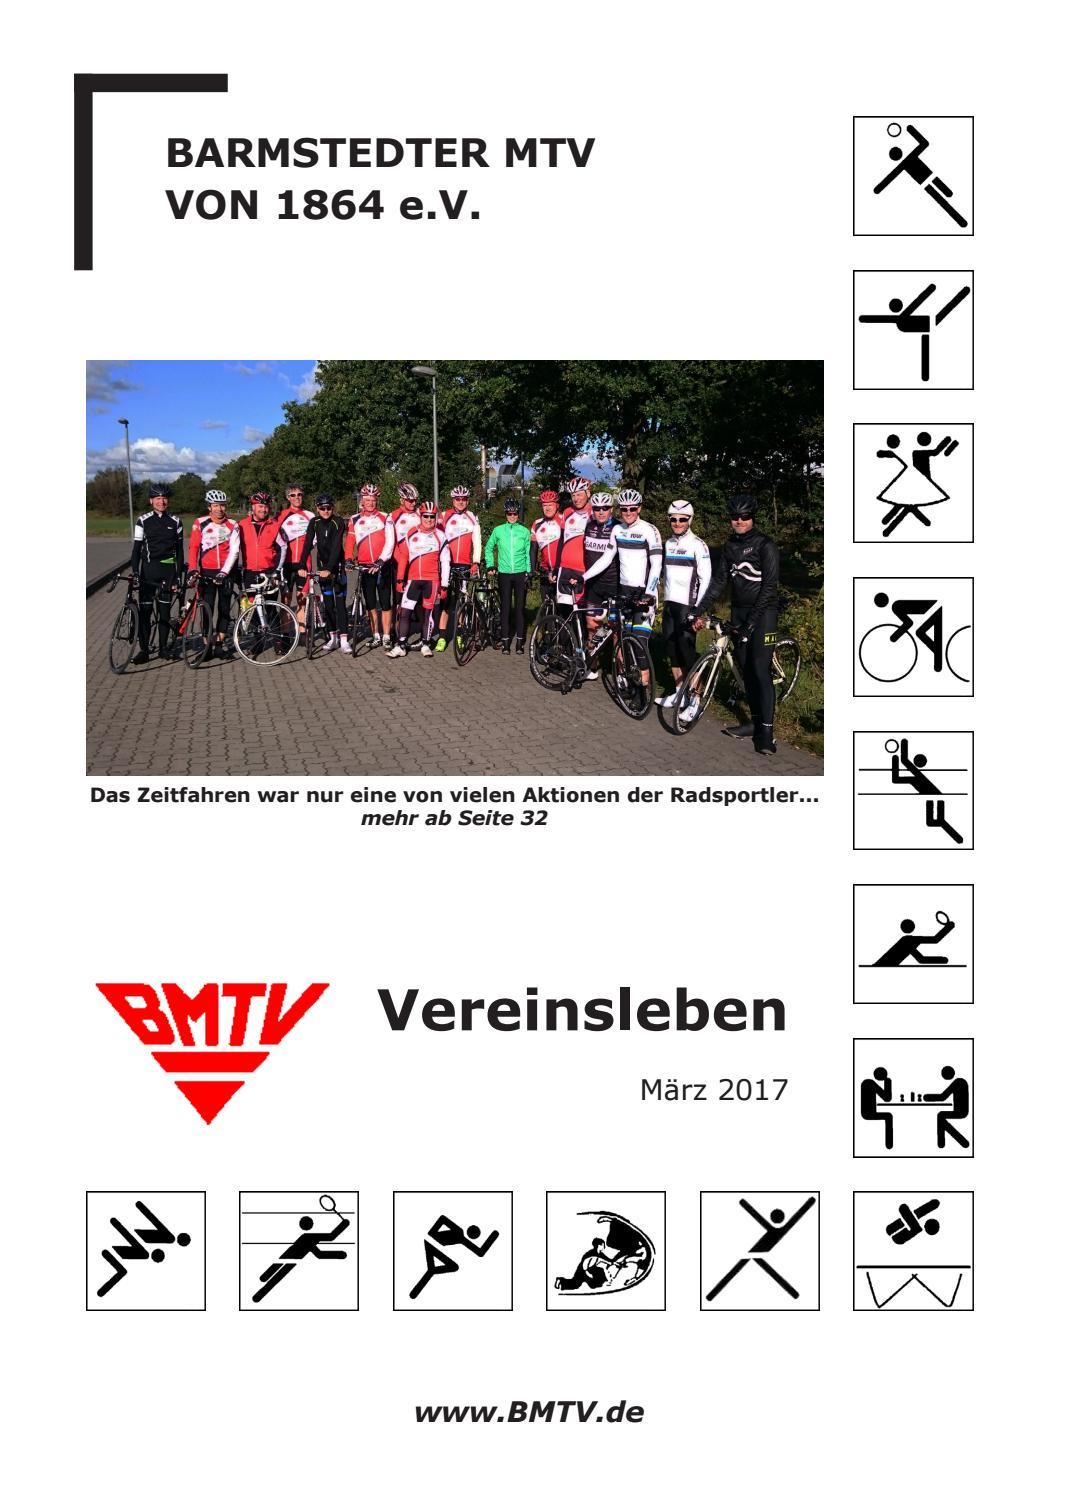 Schön Preisgekrönte Fortsetzungsformate Bilder - Entry Level Resume ...